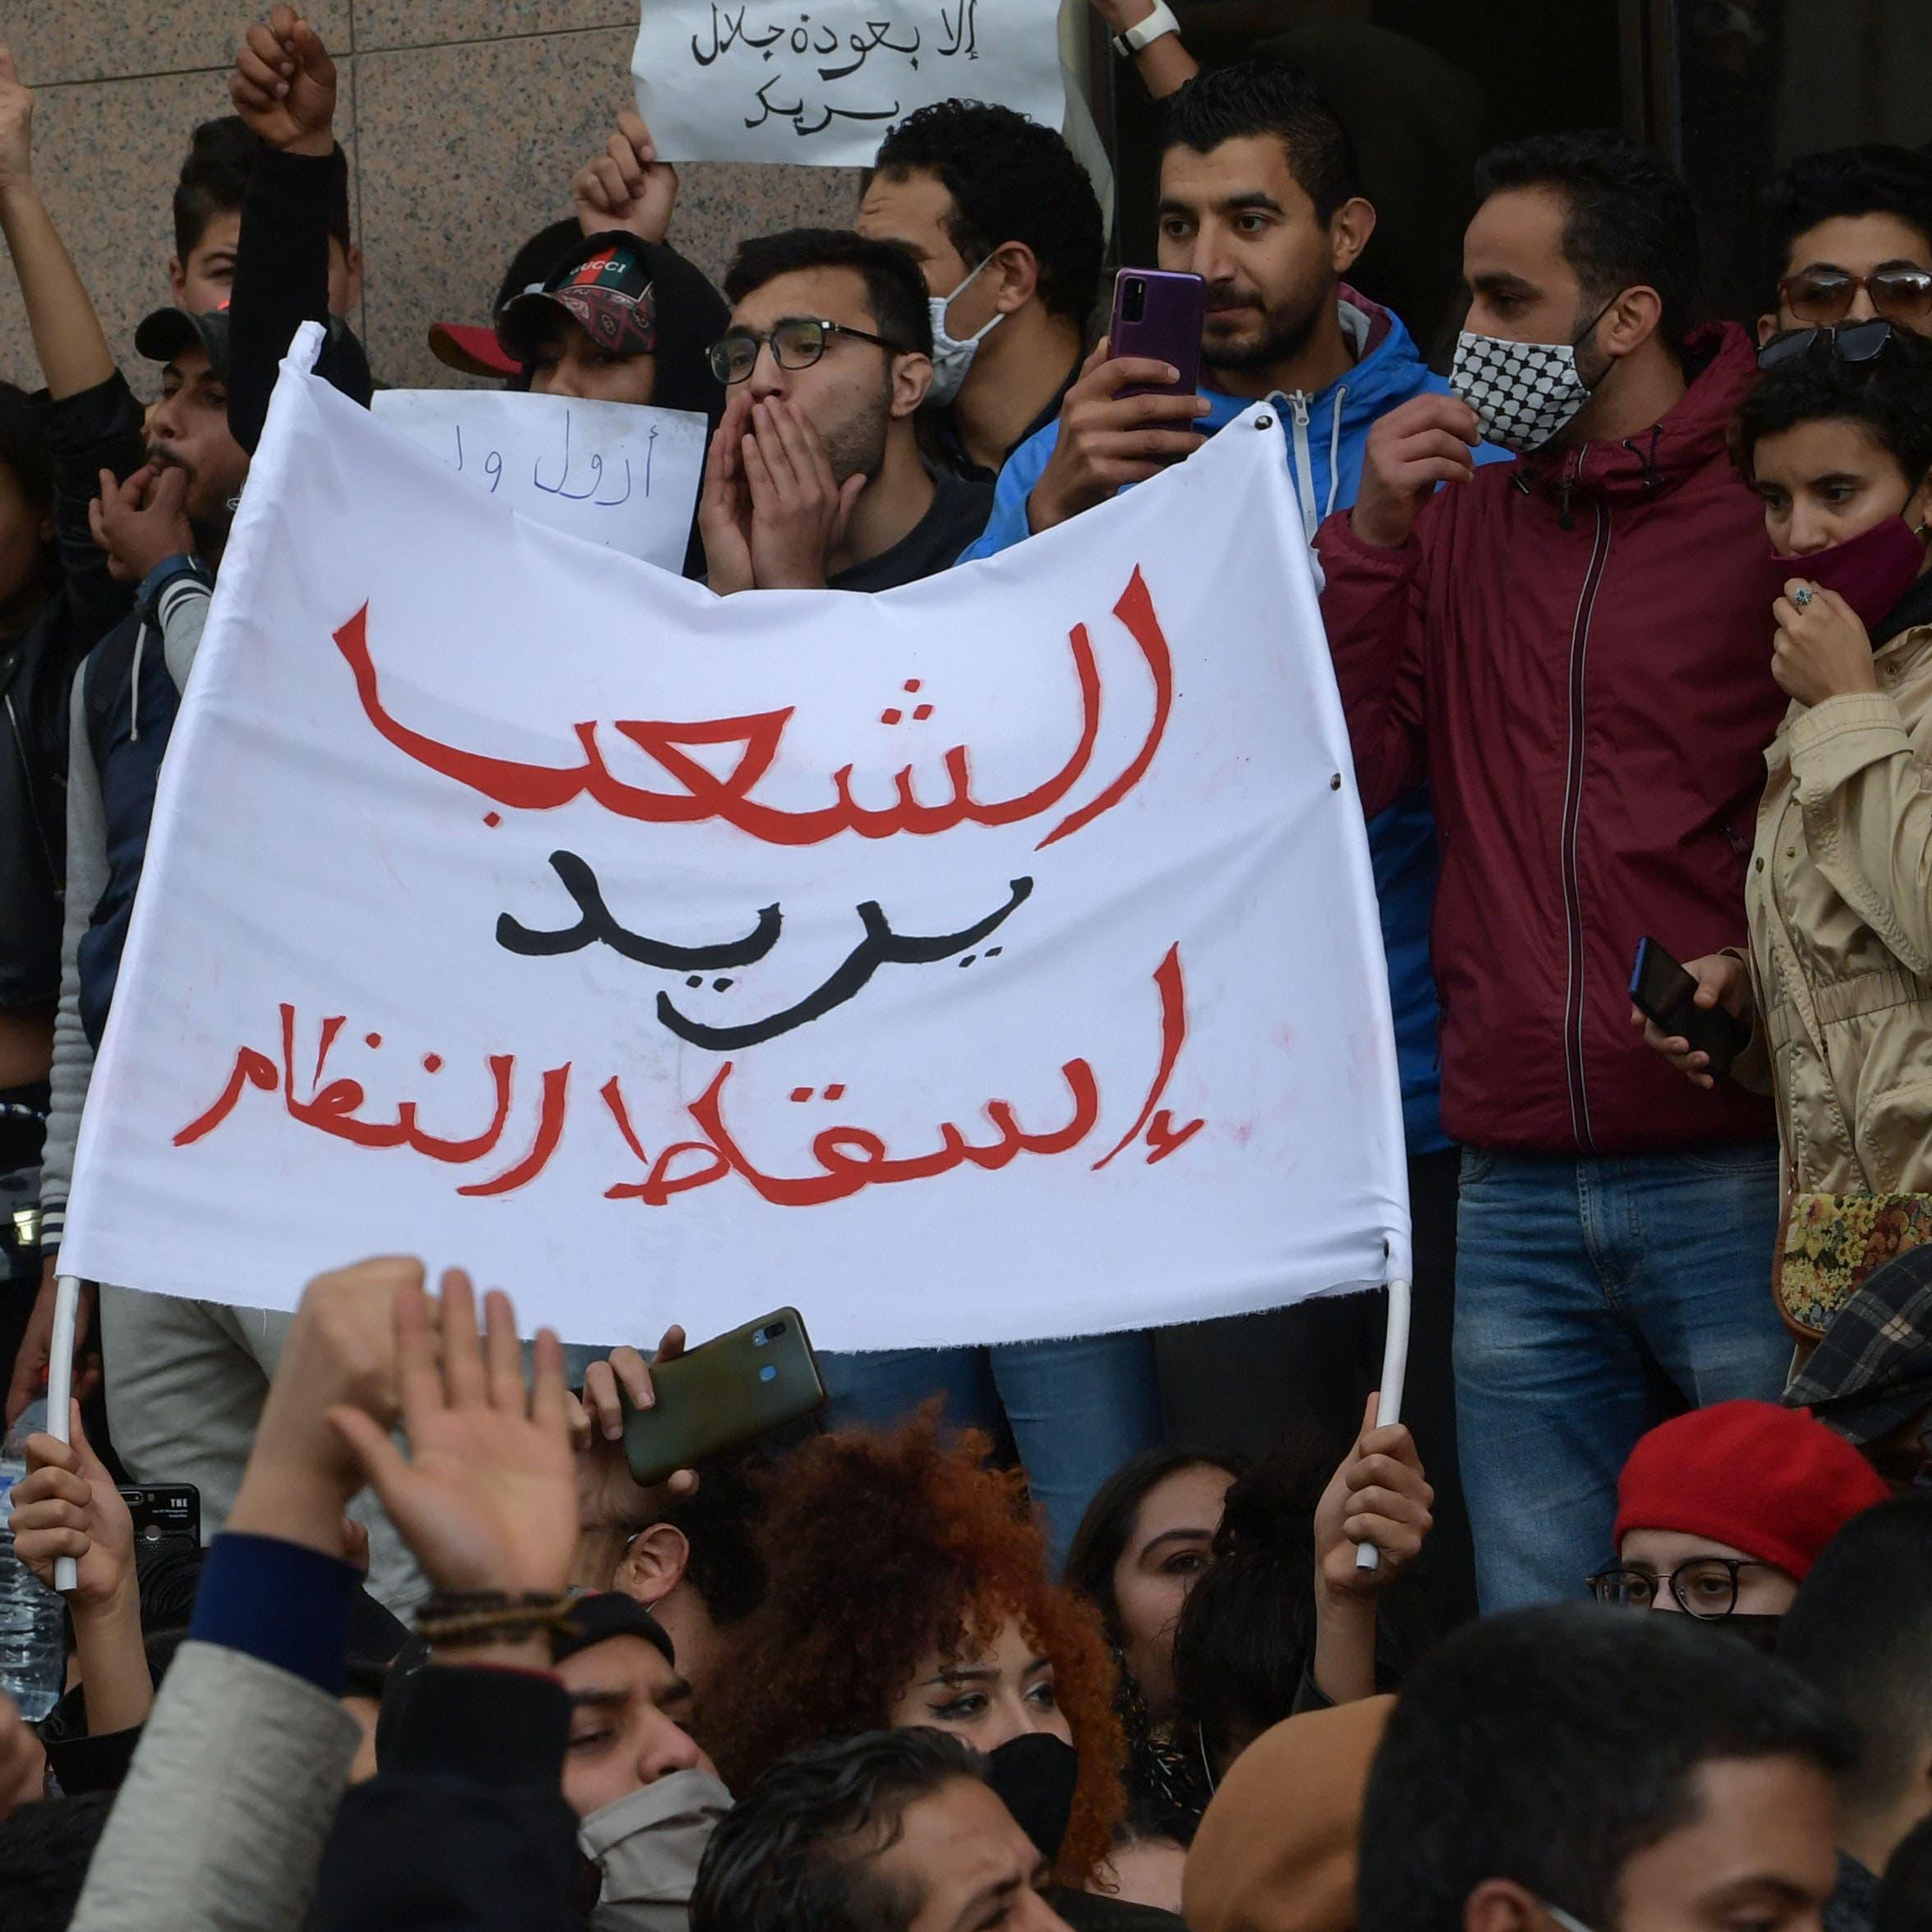 احتجاجات تونسية مستمرة..عائلة شاب قضى بقنبلة غاز تروي